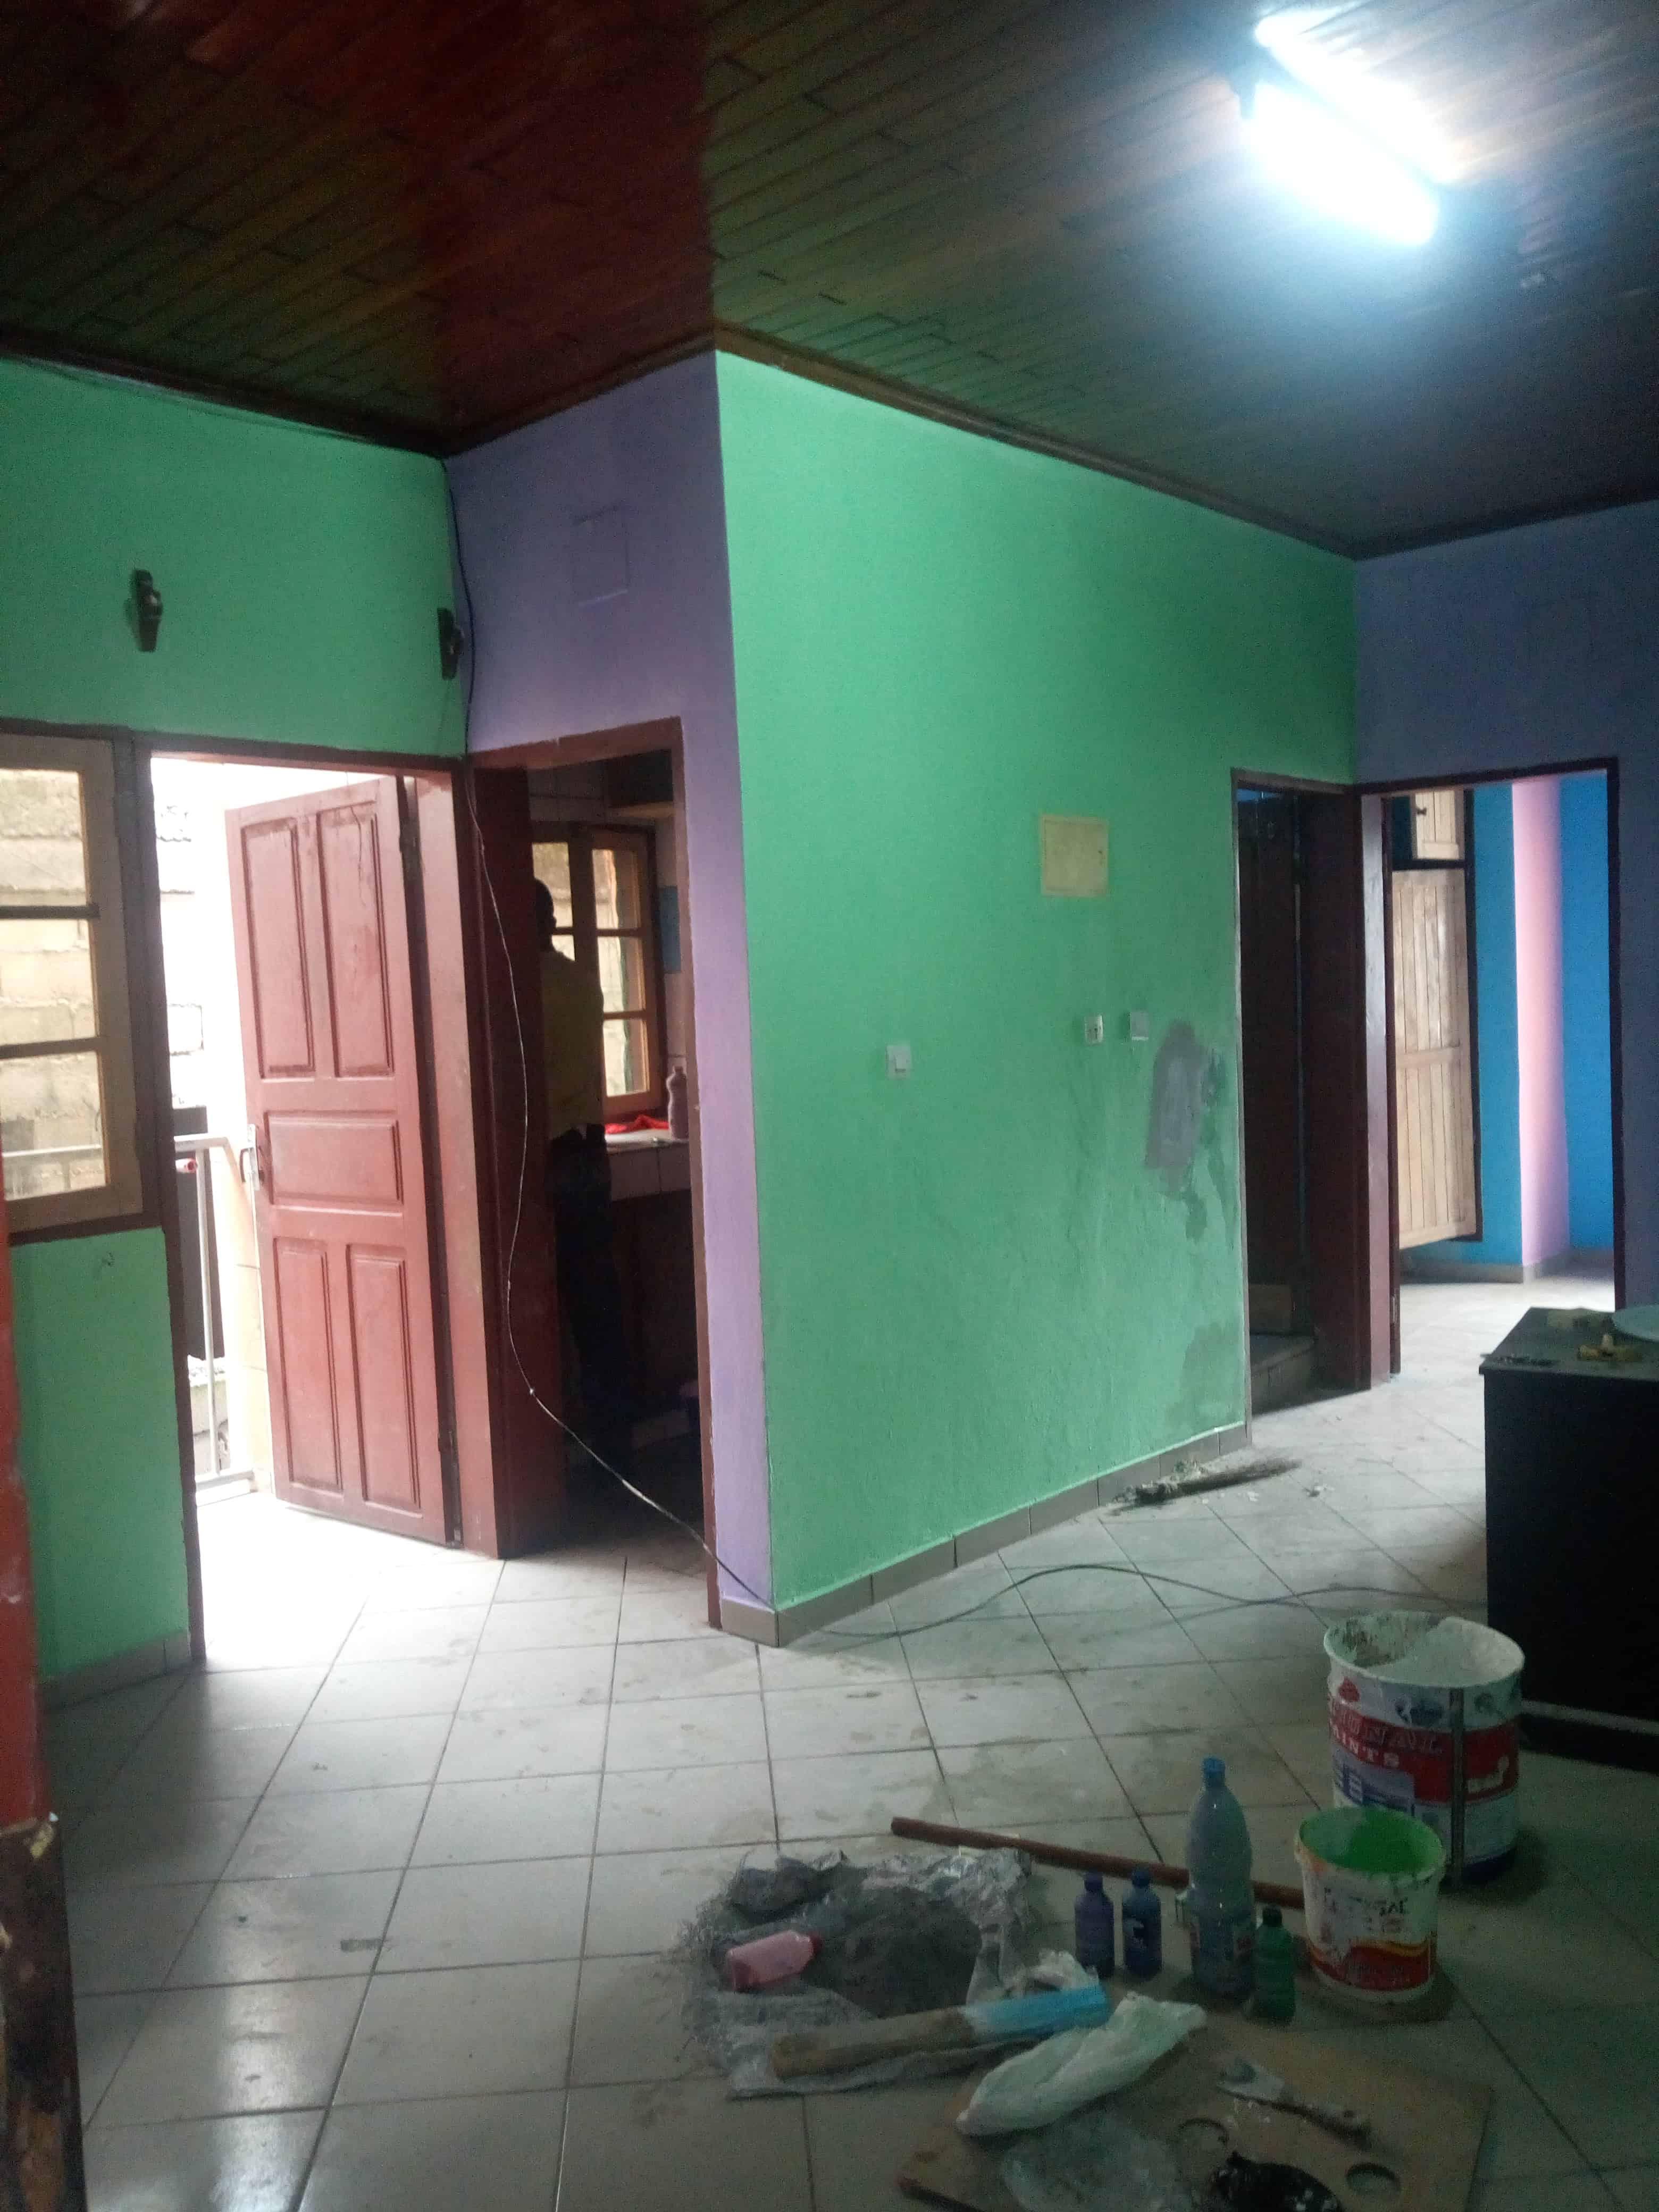 Appartement à louer - Douala, Makepe, Rond pauleng - 1 salon(s), 1 chambre(s), 1 salle(s) de bains - 70 000 FCFA / mois